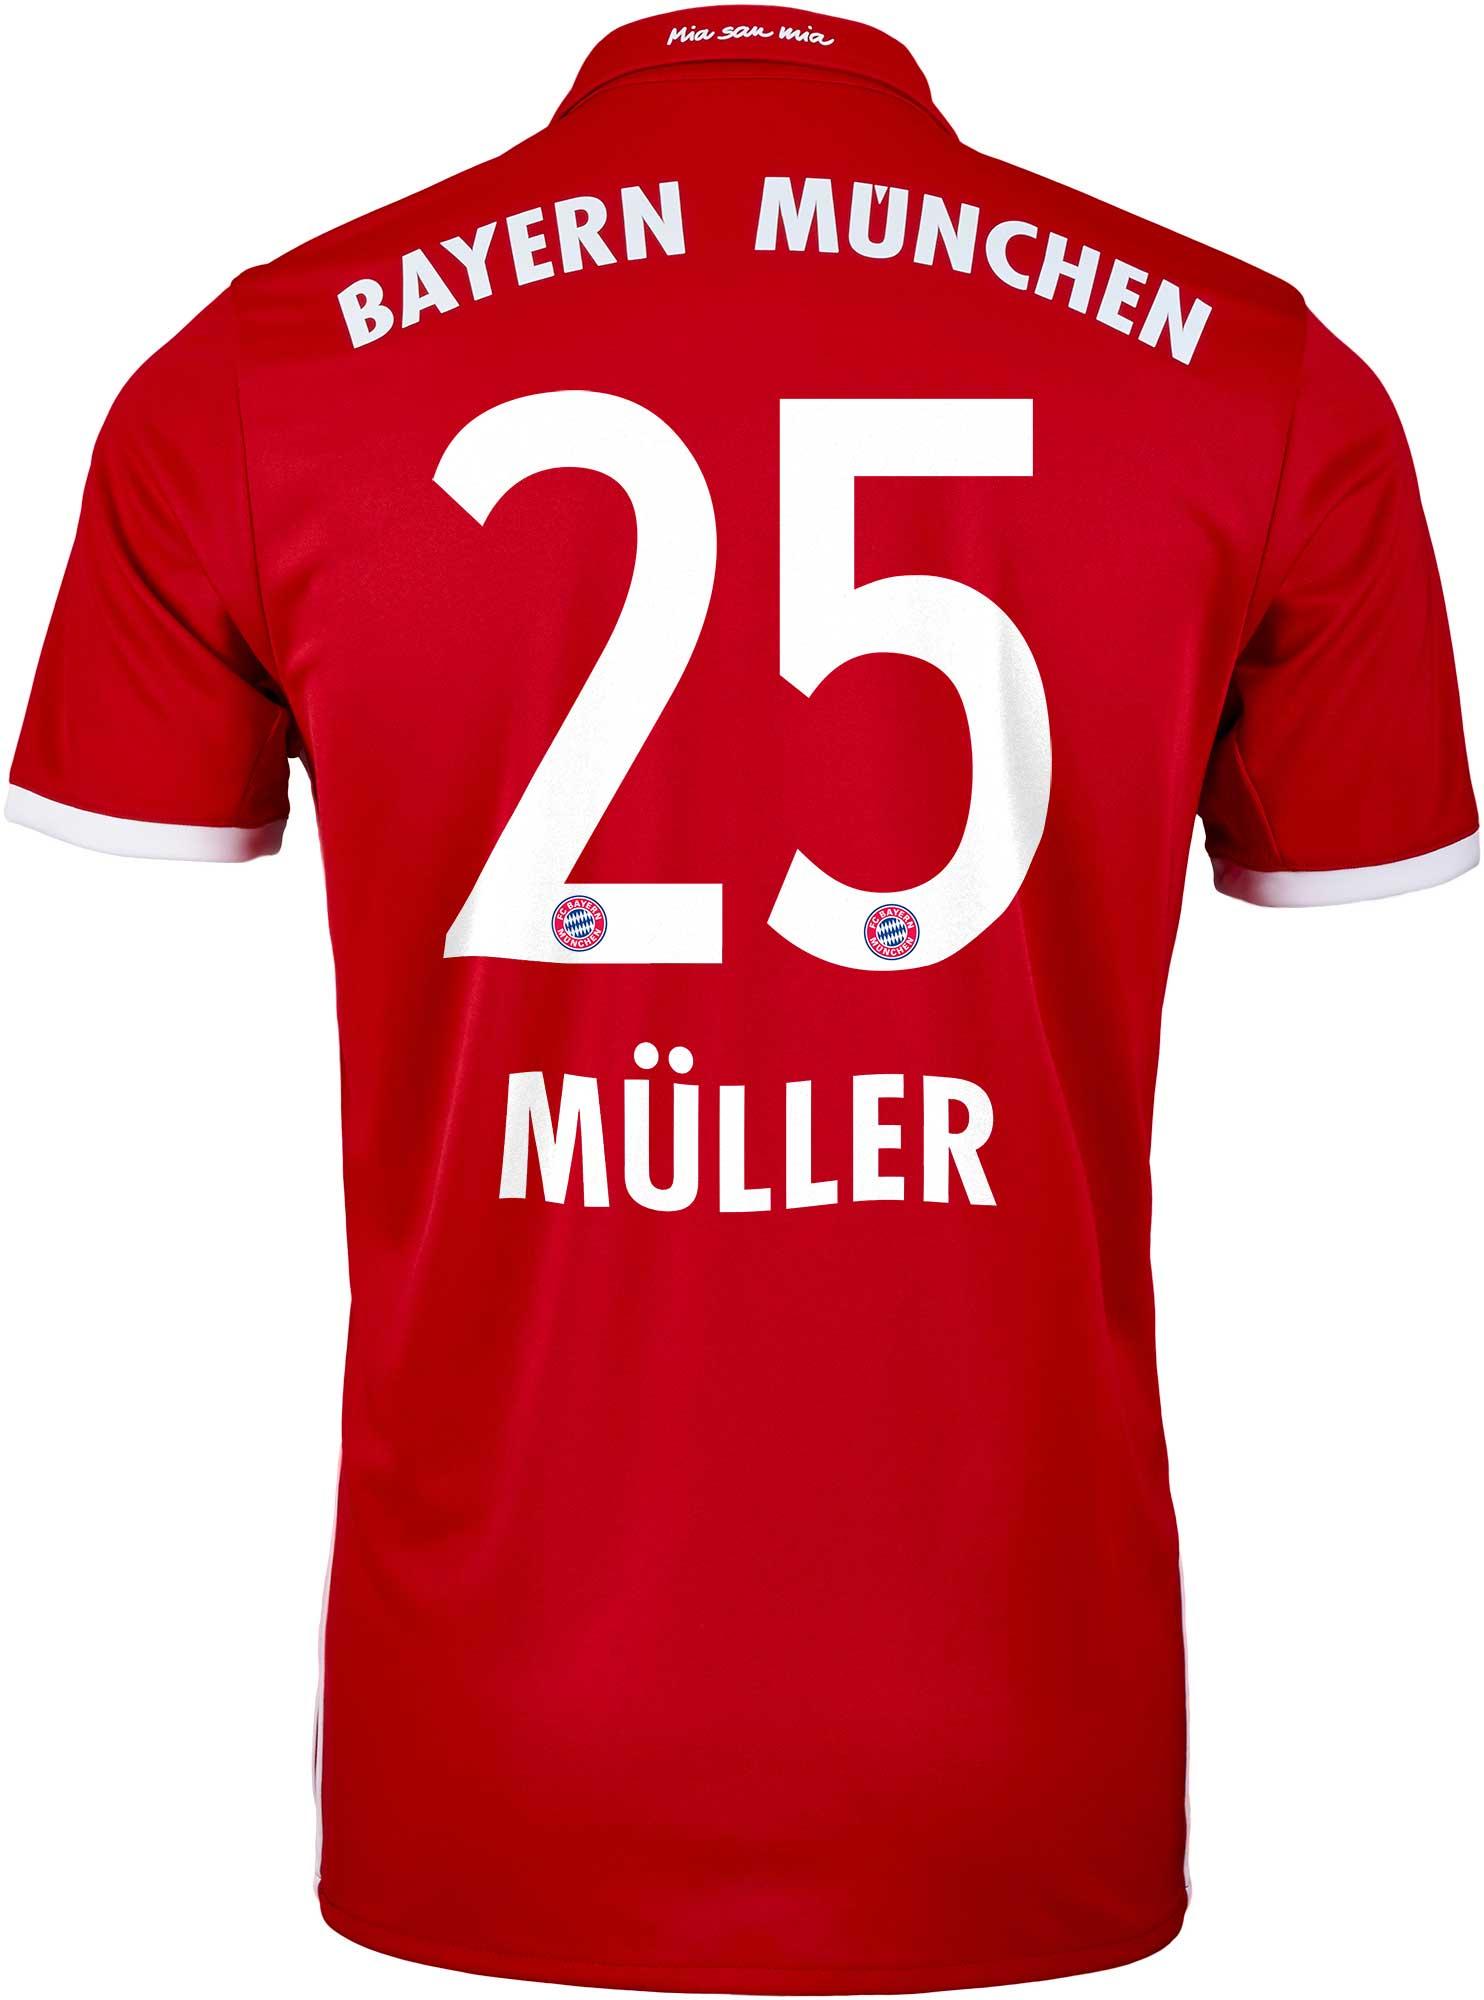 adidas Muller Bayern Munich Jersey - 2016 Bayern Munich Jerseys